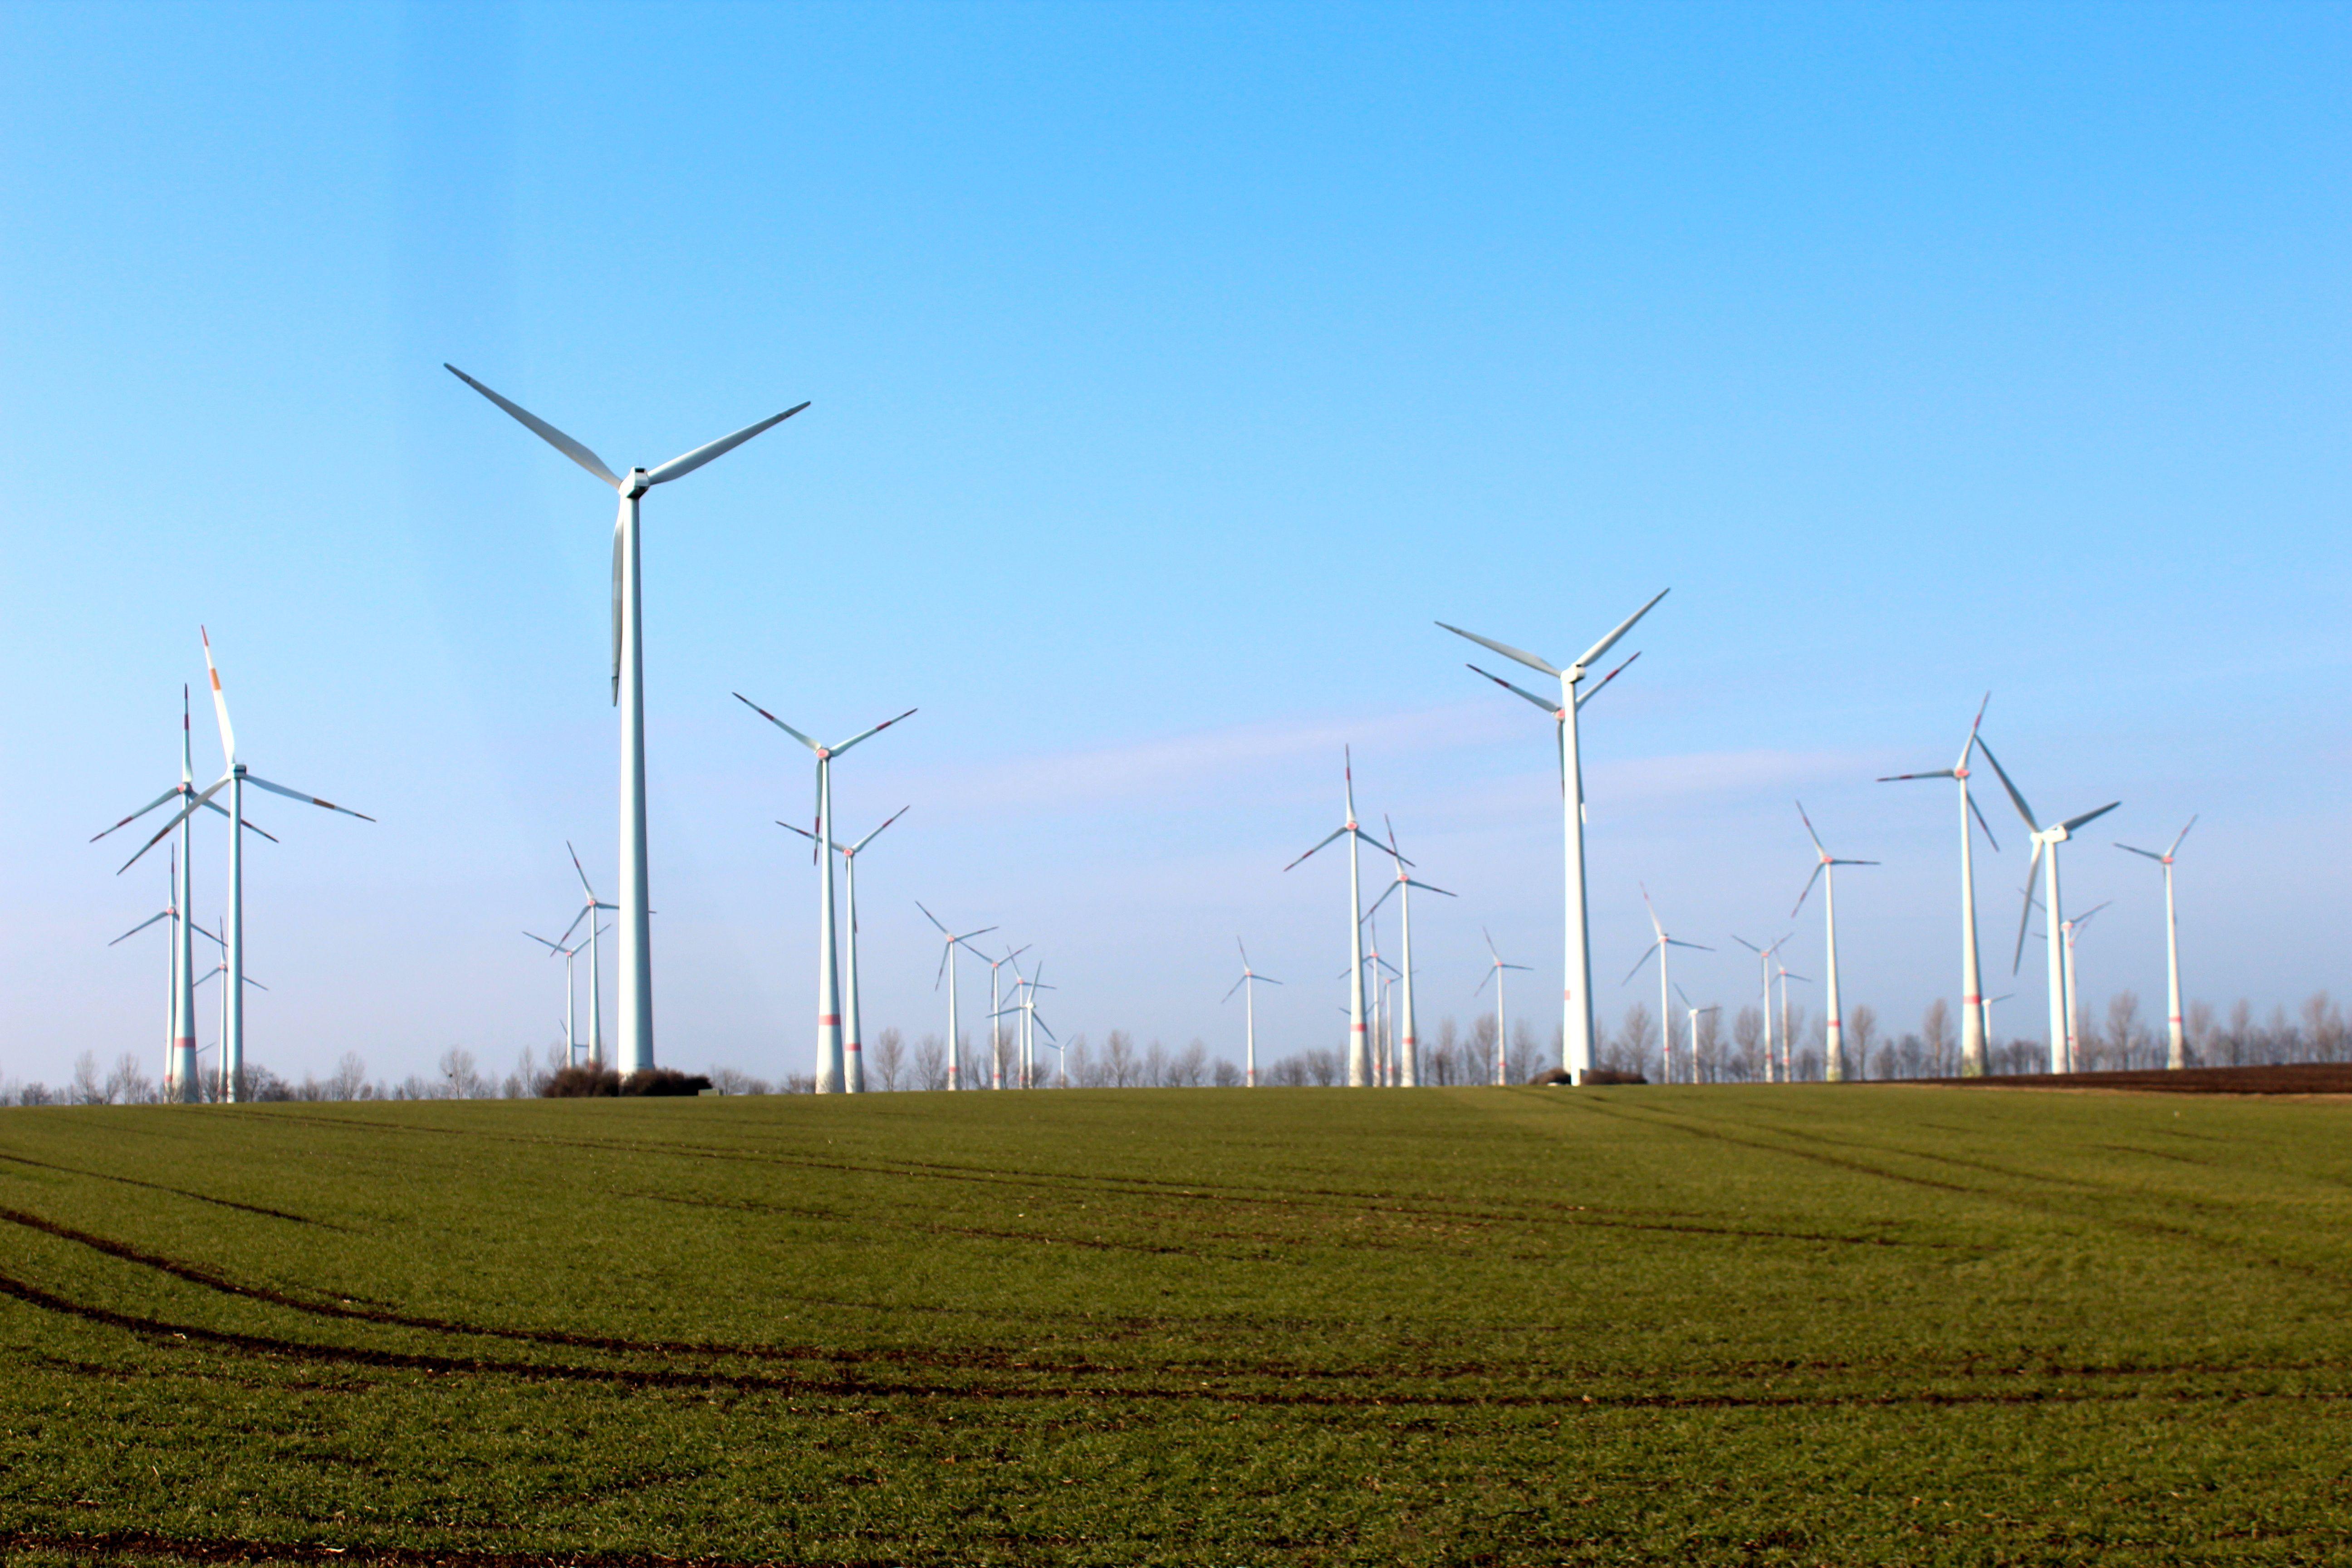 Der Windpark Boldecker Land, eine frühere Ökorenta-Investition. Der Ökorenta Erneuerbare Energien IX setzt vor allem auf Windkraft. / Foto: Ökorenta